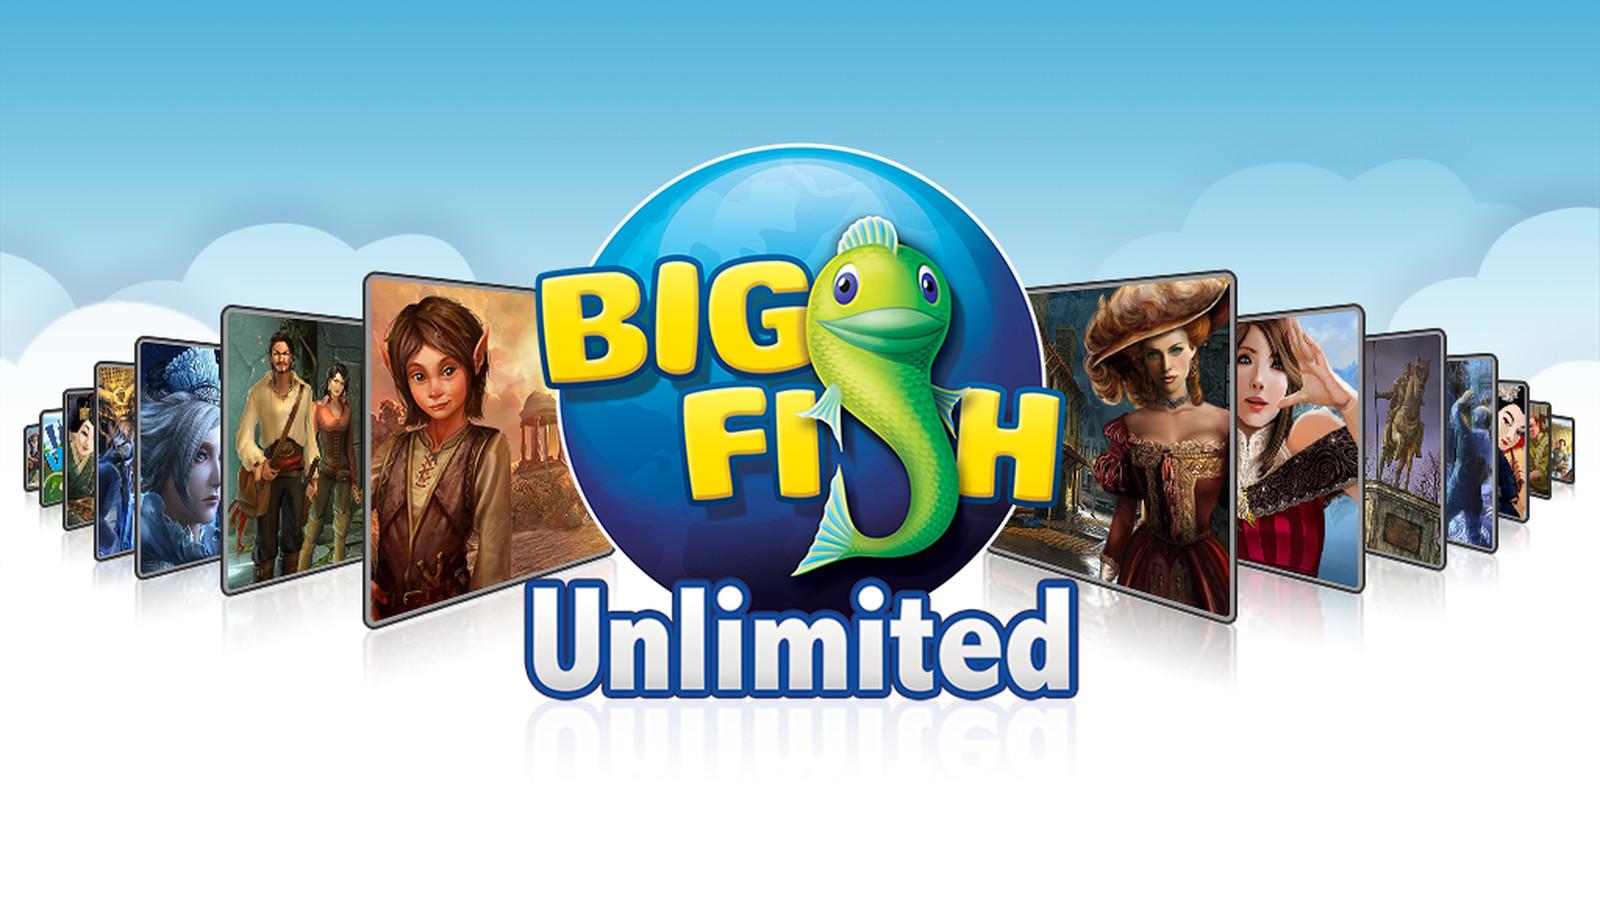 Big Fishing Games - Play Big Fish Games At Home!